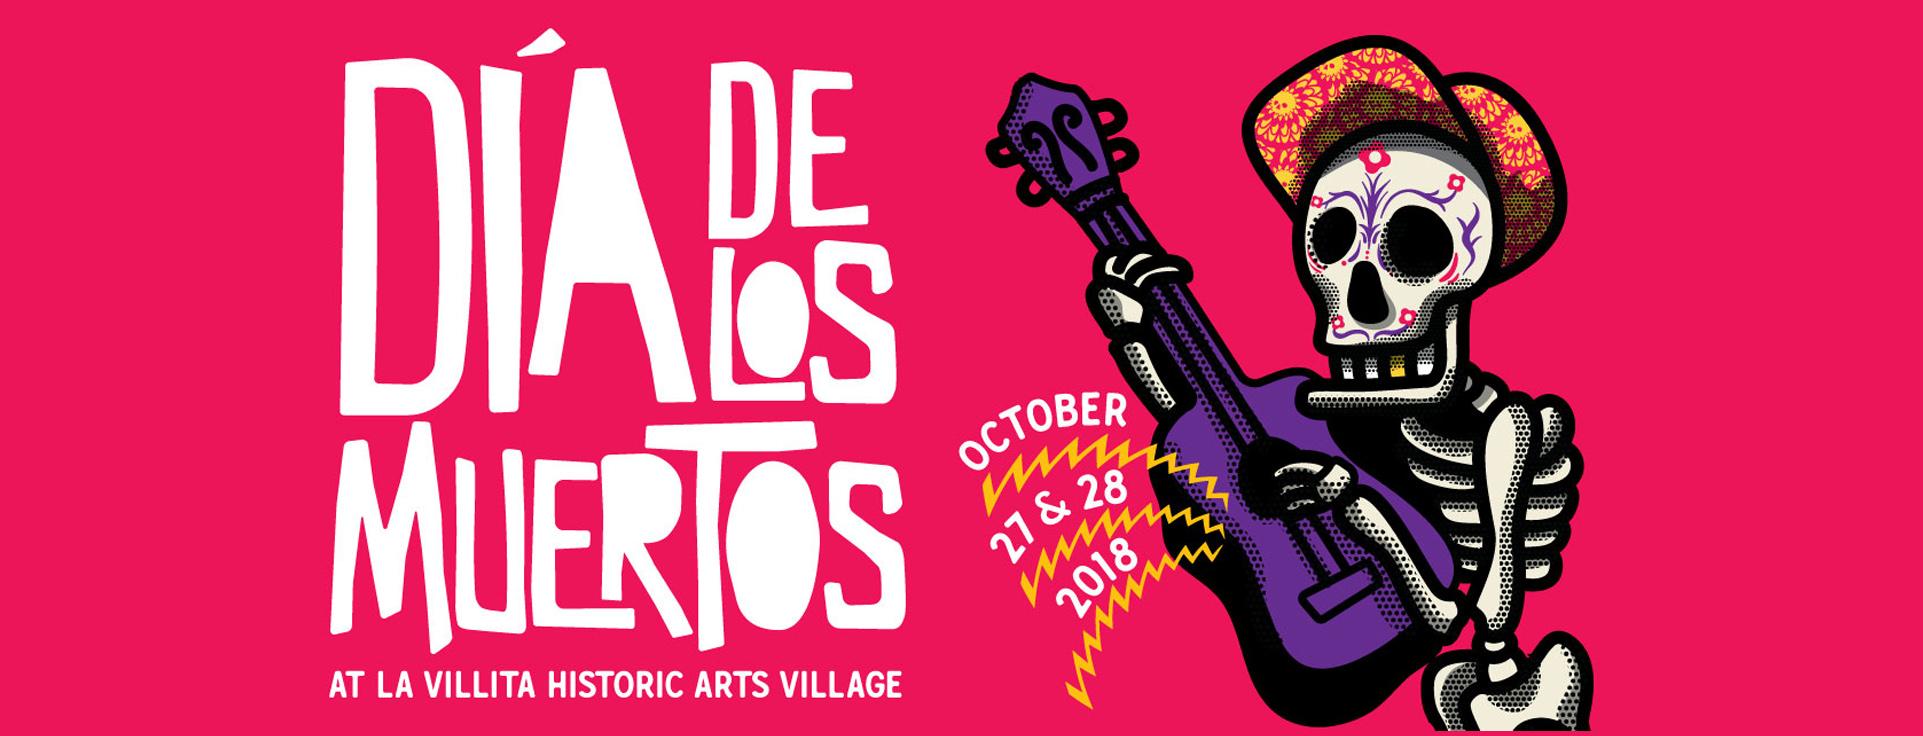 Altar Contest – 7th Annual Día de los Muertos Festival at